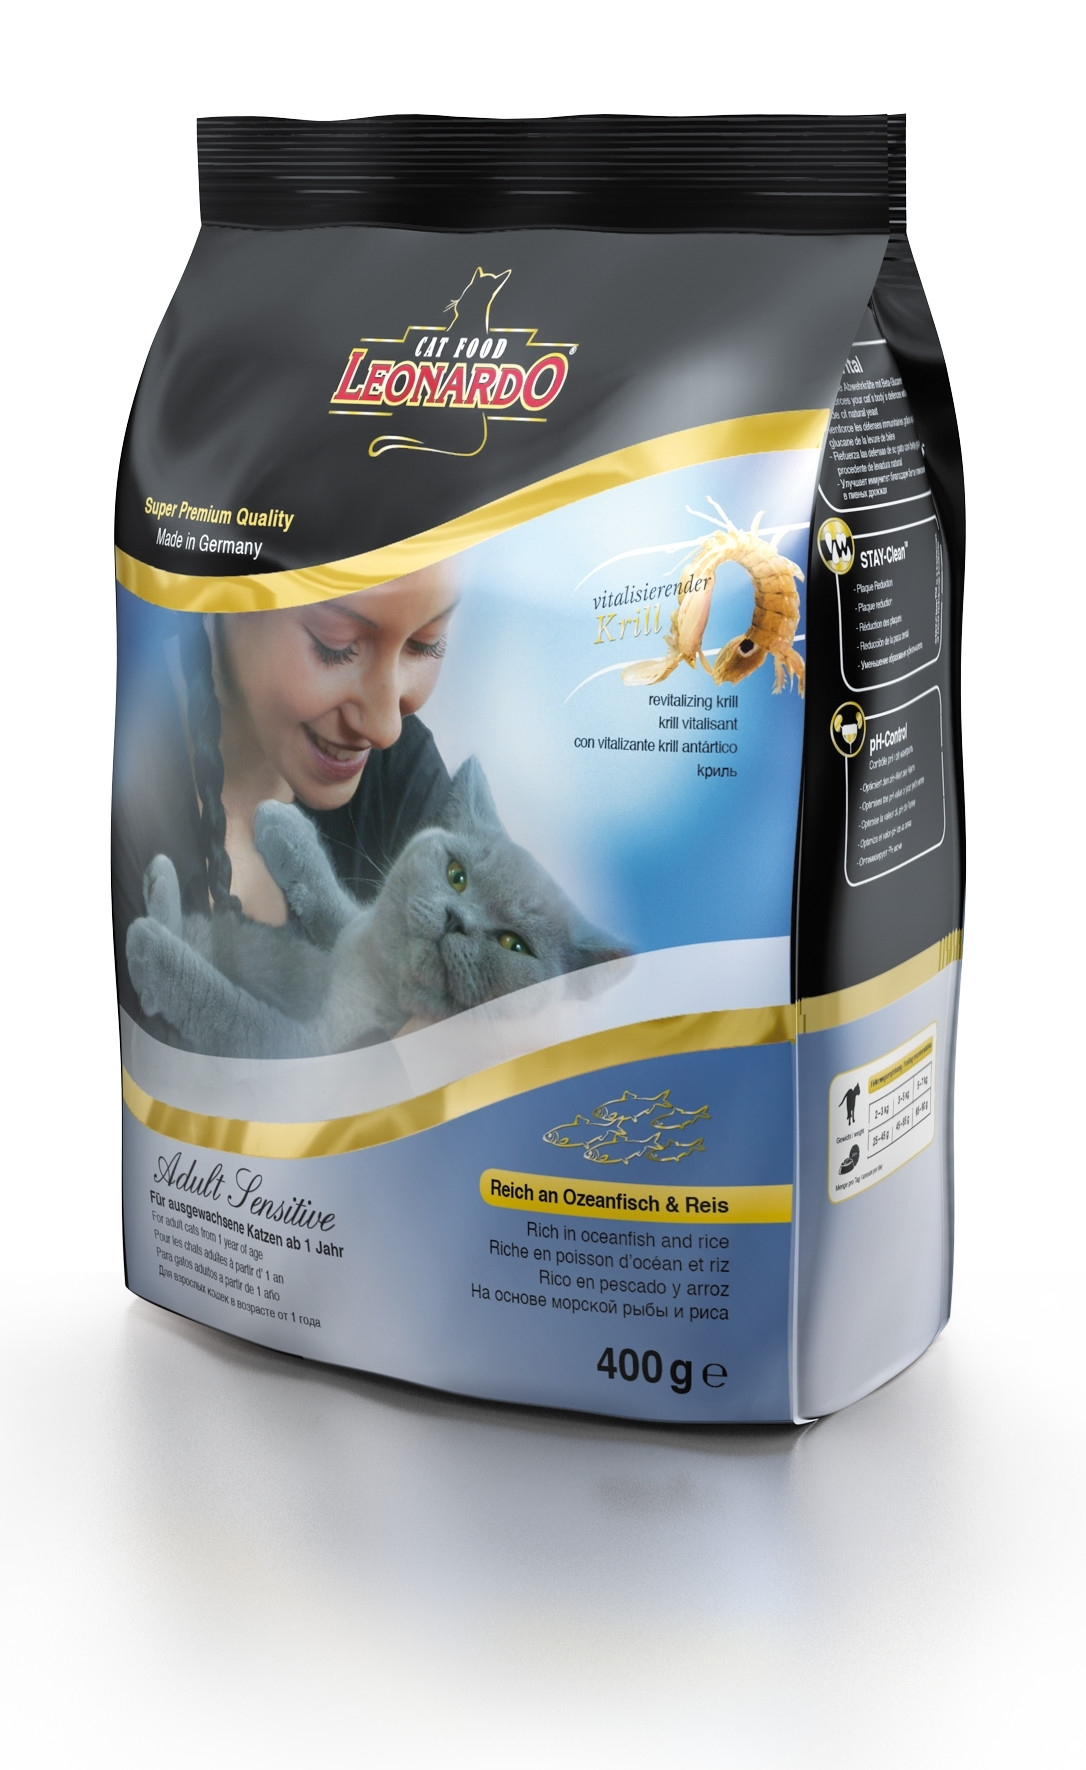 Корм сухой Leonardo Adult Sensetive для взрослых кошек от 1 года, на основе морской рыбы и риса, 400 г48812Сухой корм Leonardo Adult Sensetive предназначен для взрослых кошек с чувствительным пищеварением. С добавлением вкусного криля (креветок). За счет высокого содержания Омега-3 и Омега-6 жирных кислот улучшает качество кожи ишерсти. Снижает образование зубного камня и зубного налета. Корм обладает профилактикой мочекаменной болезни и подходит для кастрированных/стерилизованных котов и кошек.Состав: мука сельди 17%, сухое мясо птицы пониженной зольности 15%, рис 15%, кукуруза, жир домашней птицы, морепродукты (криль 4%), рожь, яичный порошок, пивные дрожжи 2,5%, гидролизат печени птицы, вытяжка из виноградной косточки, цареградский сухой стручок 1,25%, льняное семя, поваренная соль, инулин.Добавки: витамин А 15000 МЕ, витамин D3 1500 МЕ, витамин Е 150 мг, витамин C (как аскорбил монофосфаты) 245 мг, таурин 1400 мг, медь (как медь-(ll)-сульфат, пентагидрат) 15 мг, железо (в форме железа ll сульфат) 200 мг, железо (в форме оксид железа lll) 385 мг, марганец (как двуокись марганца) 50 мг, цинк (как окись цинка) 150 мг, йод (как йодат кальция) 2,5 мг, селен (в форме селен натрия) 0,15 мг, лецитин 2000 мг, экстракты натурального происхождения с высоким содержанием токоферола (= натуральный витамин Е) 80 мг.Содержание: протеин 32%, жиры 20%, сырая зола 7,5%, клетчатка 1,9%, влага 10%, кальций 1,1%, фосфор 0,9%, натрий 0,4%, магний 0,09%.Товар сертифицирован.